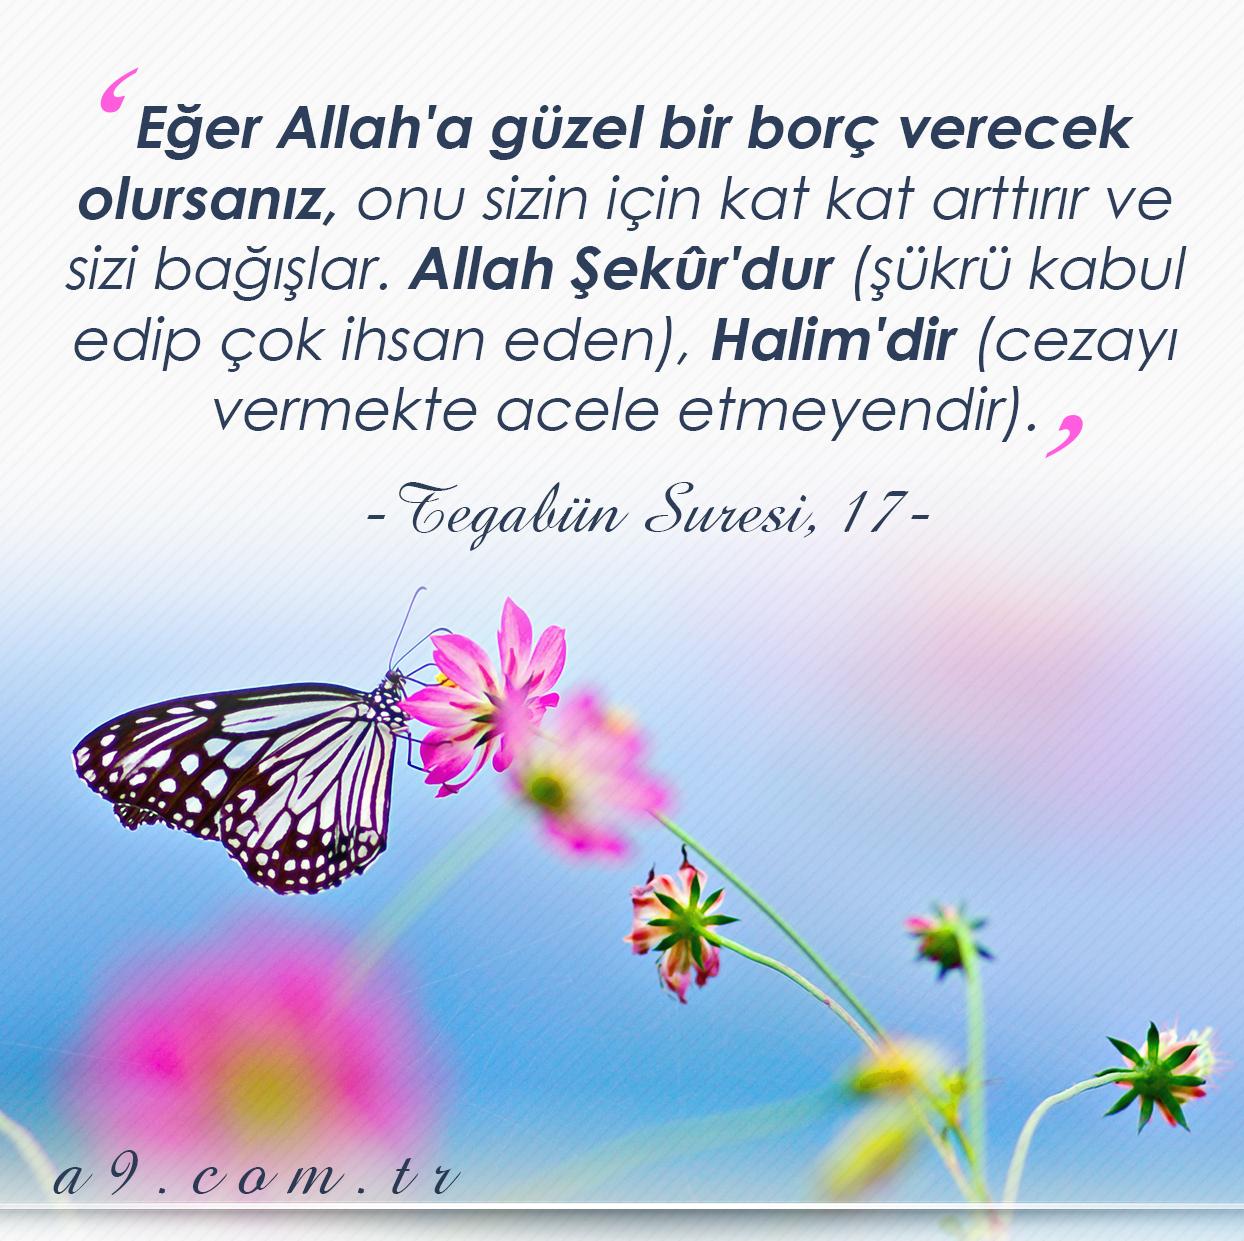 """<table style=""""width: 100%;""""><tr><td style=""""vertical-align: middle;"""">Tegabün Suresi, 17. ayet: Eğer Allah""""a güzel bir borç verecek olursanız, onu sizin için kat kat arttırır ve sizi bağışlar. Allah Şekûr""""dur (şükrü kabul edip çok ihsan eden), Halim""""dir (cezayı vermekte acele etmeyendir).</td><td style=""""max-width: 70px;vertical-align: middle;""""> <a href=""""/downloadquote.php?filename=1512714354710.jpg""""><img class=""""hoversaturate"""" height=""""20px"""" src=""""/assets/images/download-iconu.png"""" style=""""width: 48px; height: 48px;"""" title=""""Resmi İndir""""/></a></td></tr></table>"""